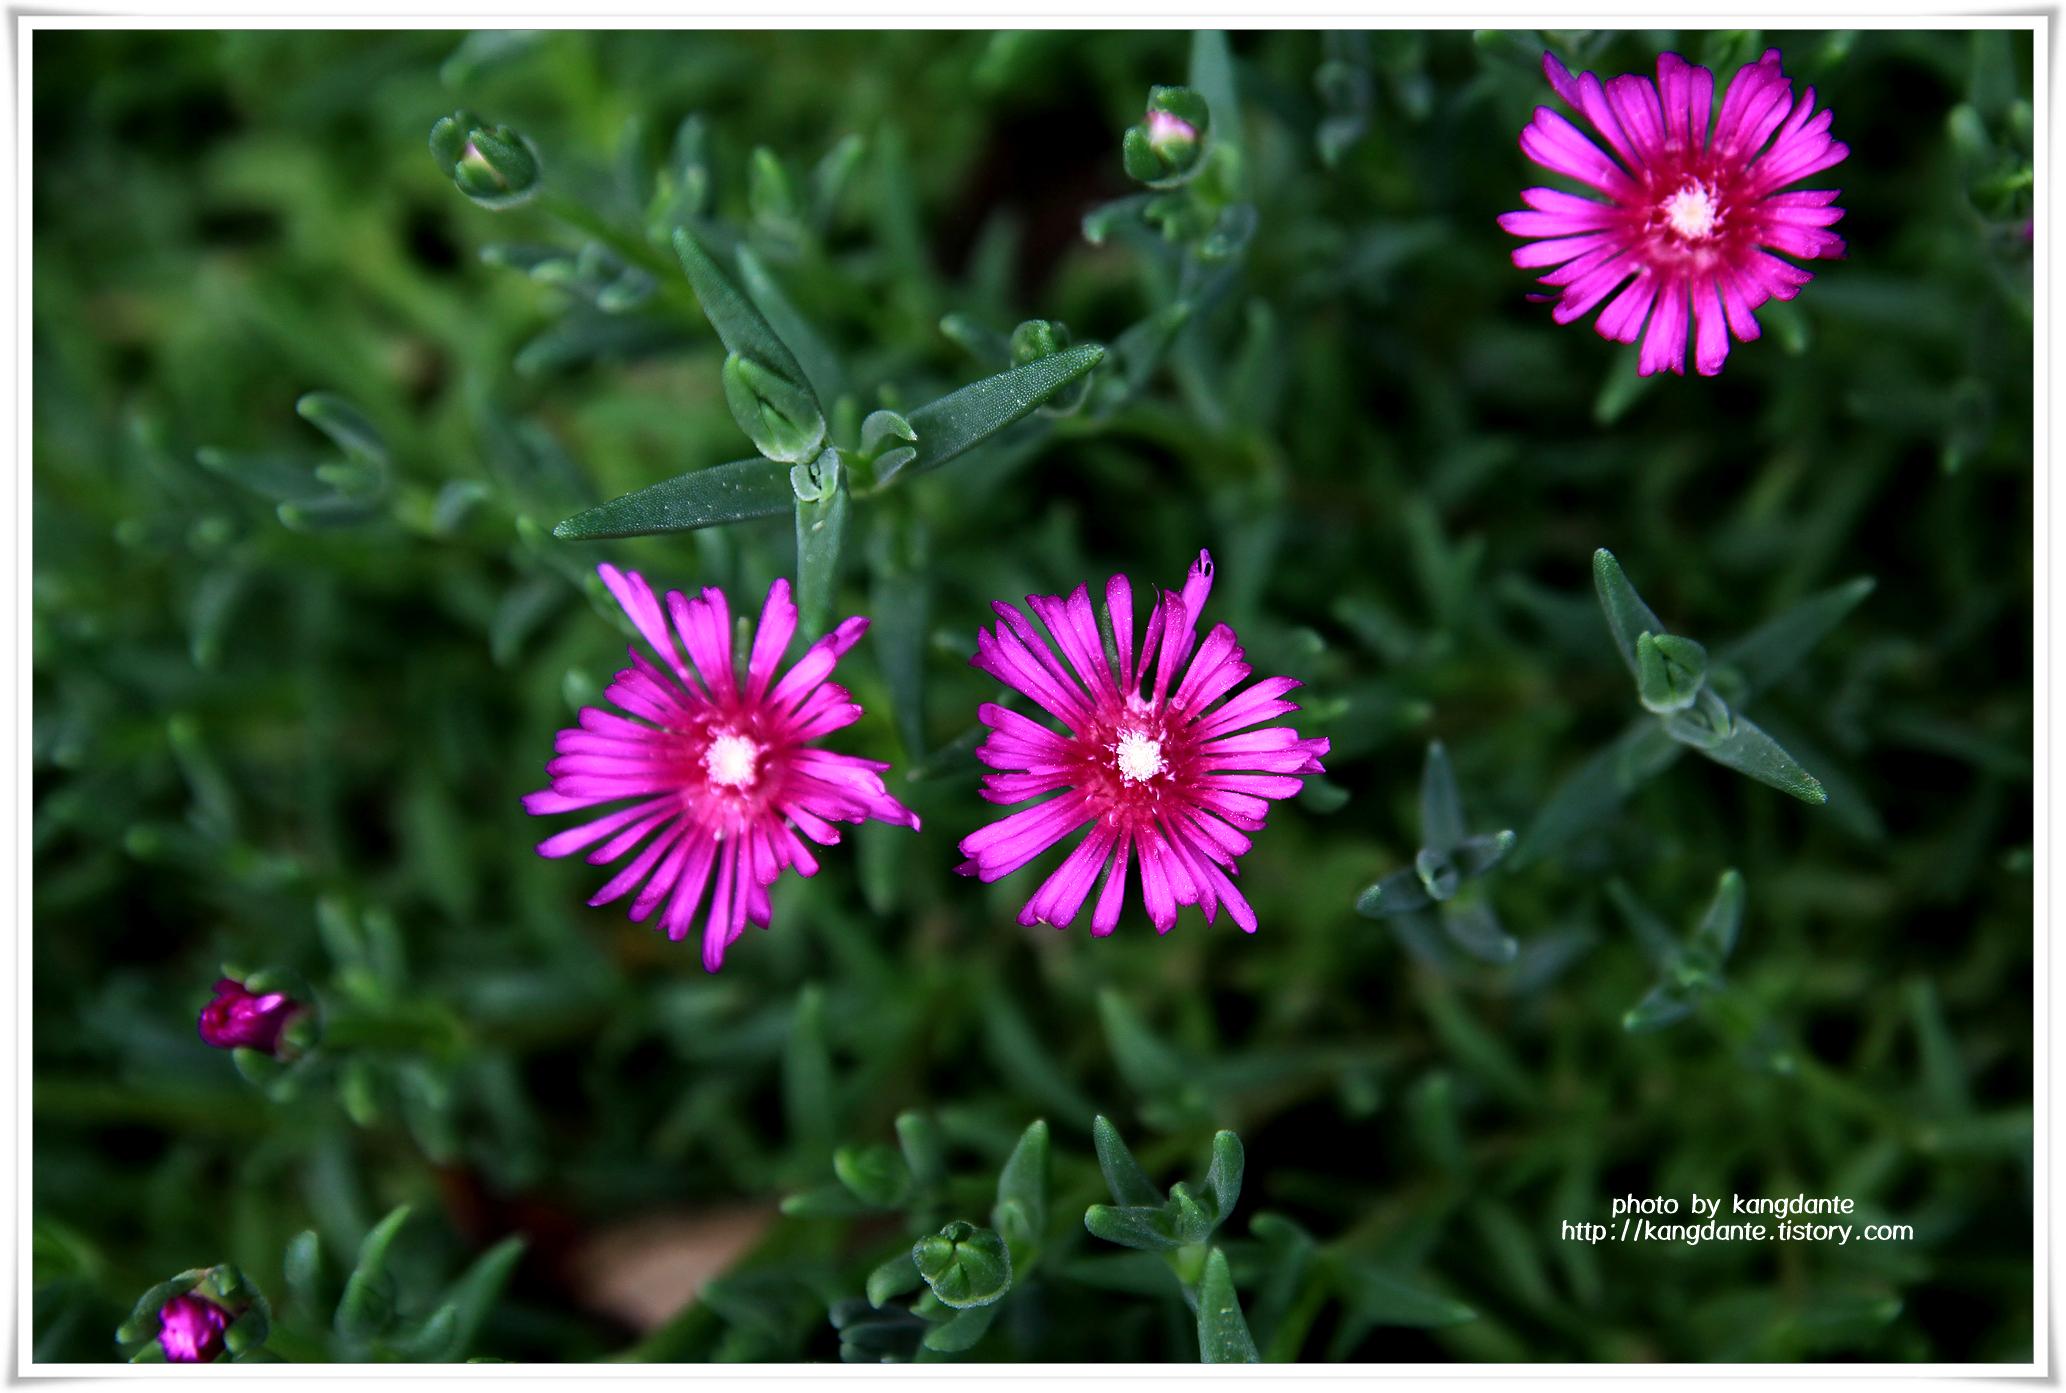 우리꽃식물원의 송엽국(松葉菊)과 백화등(白花藤)